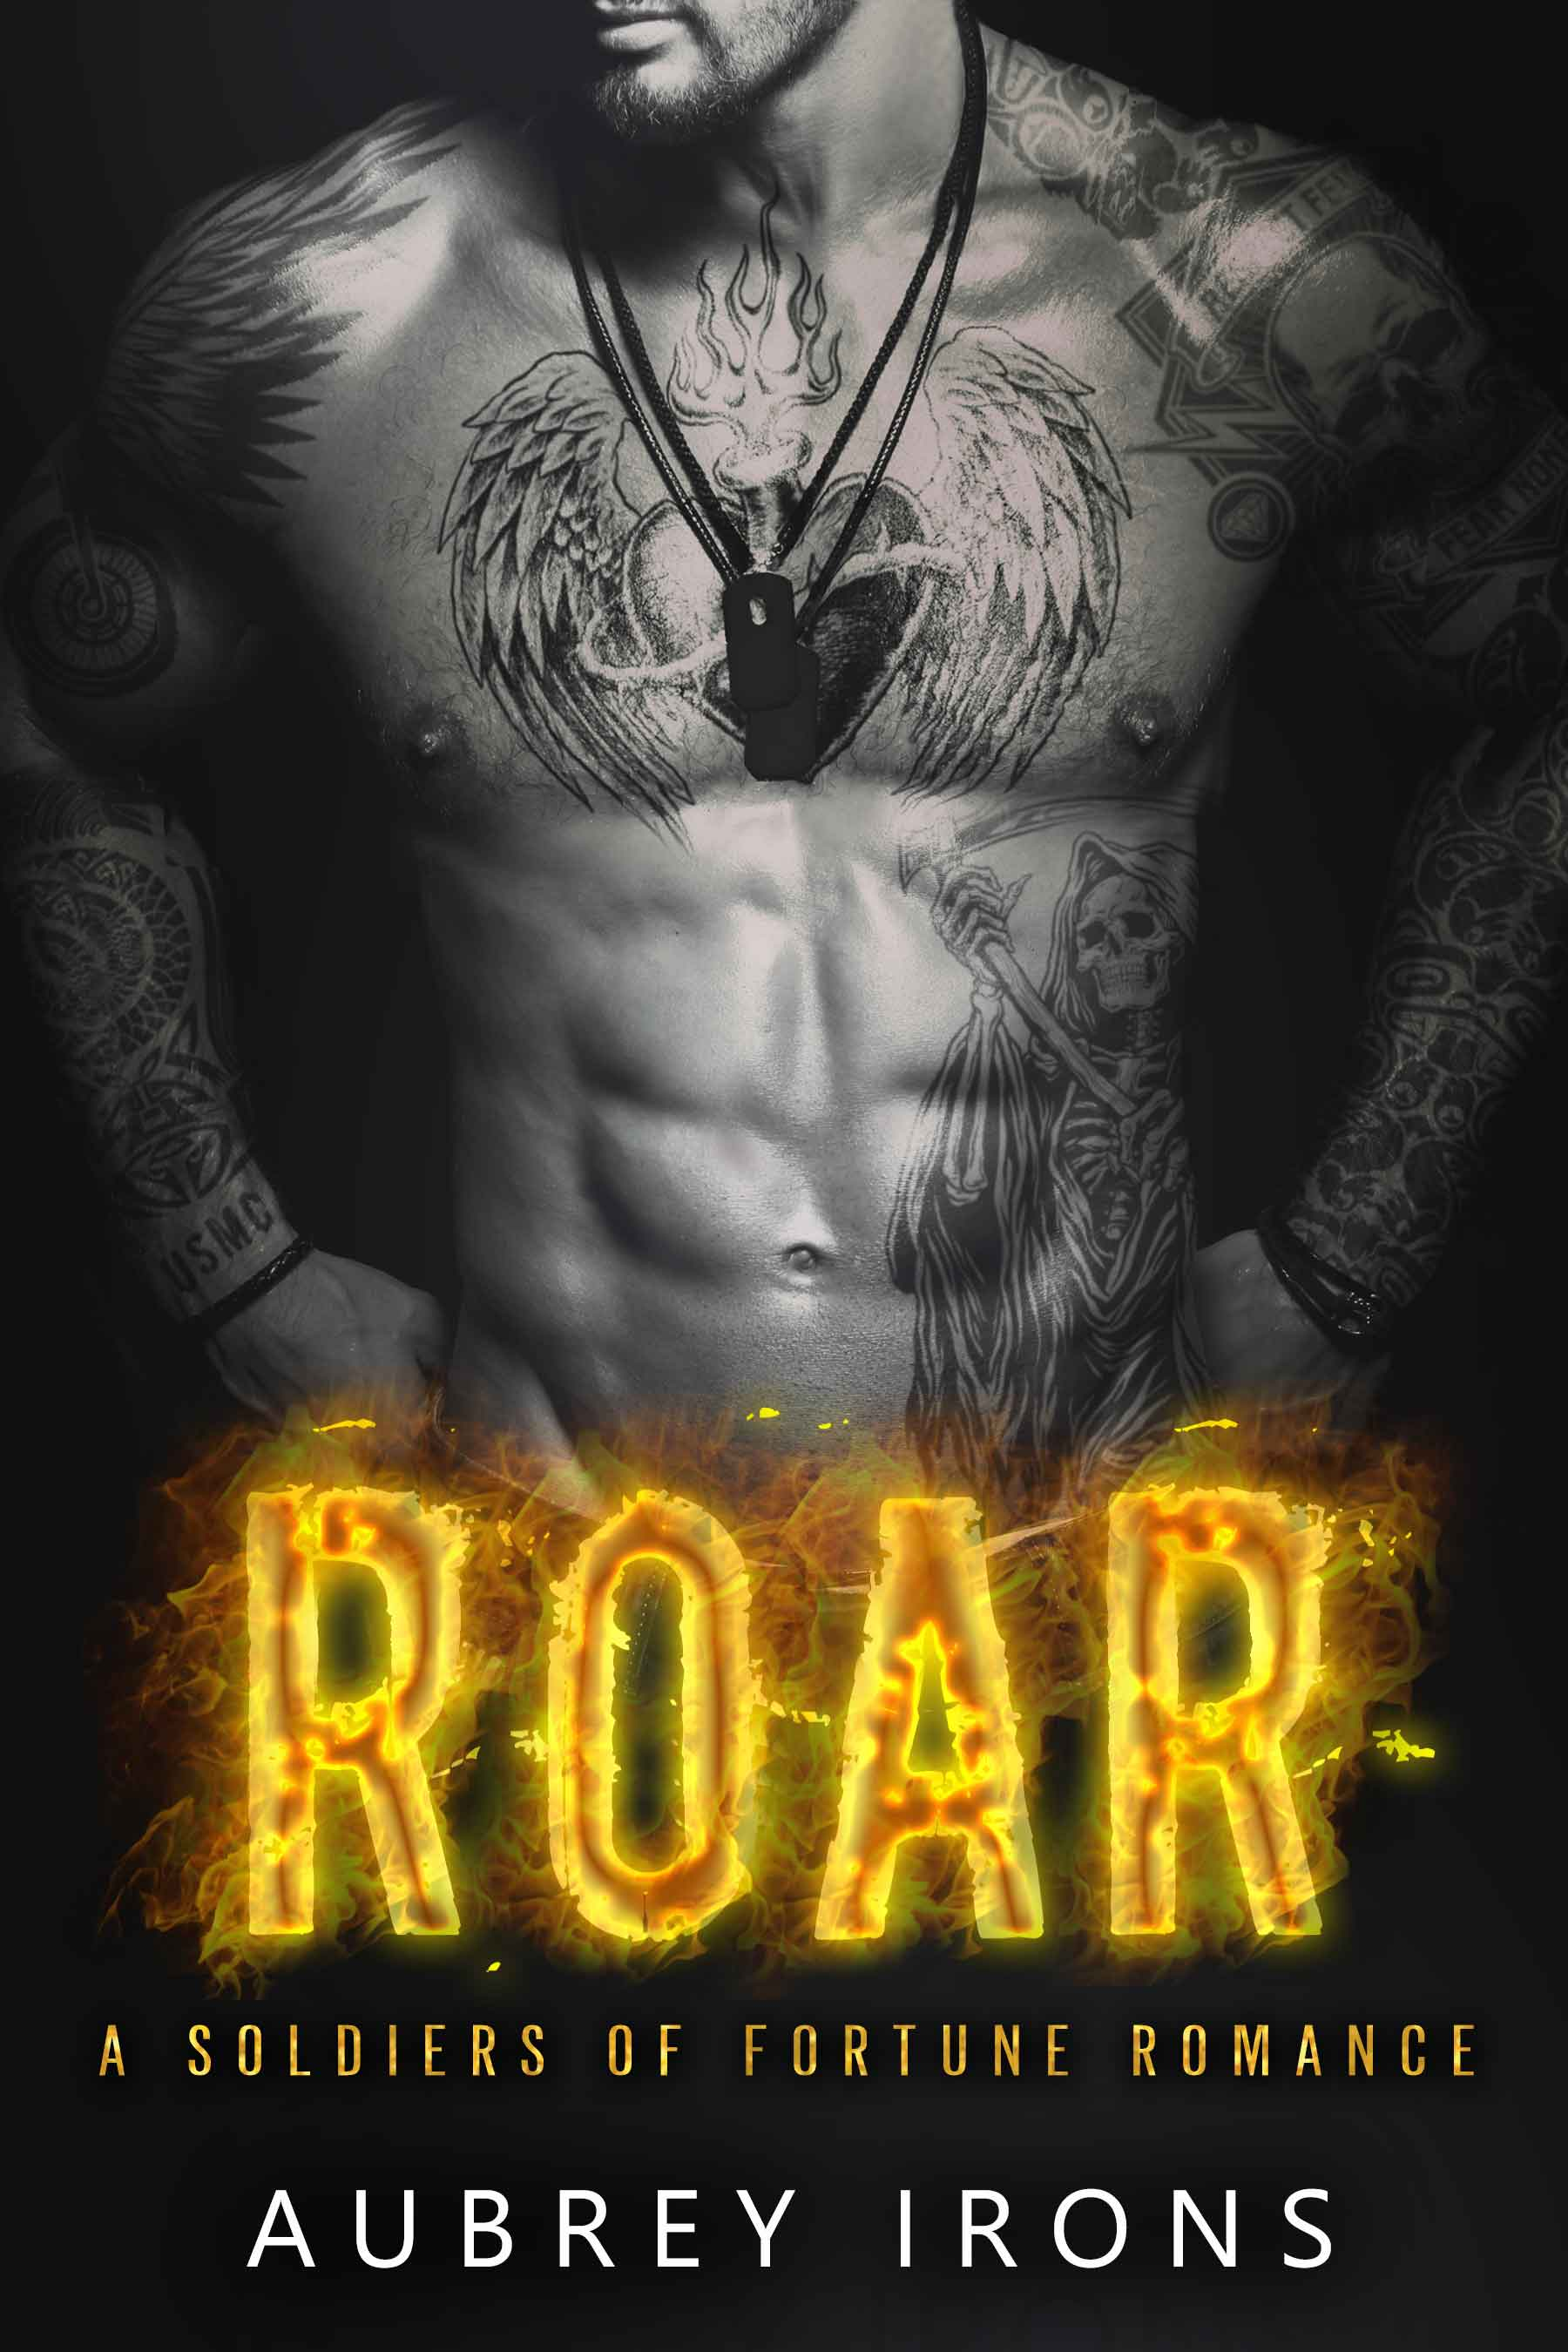 Roar---New-Cover.jpg